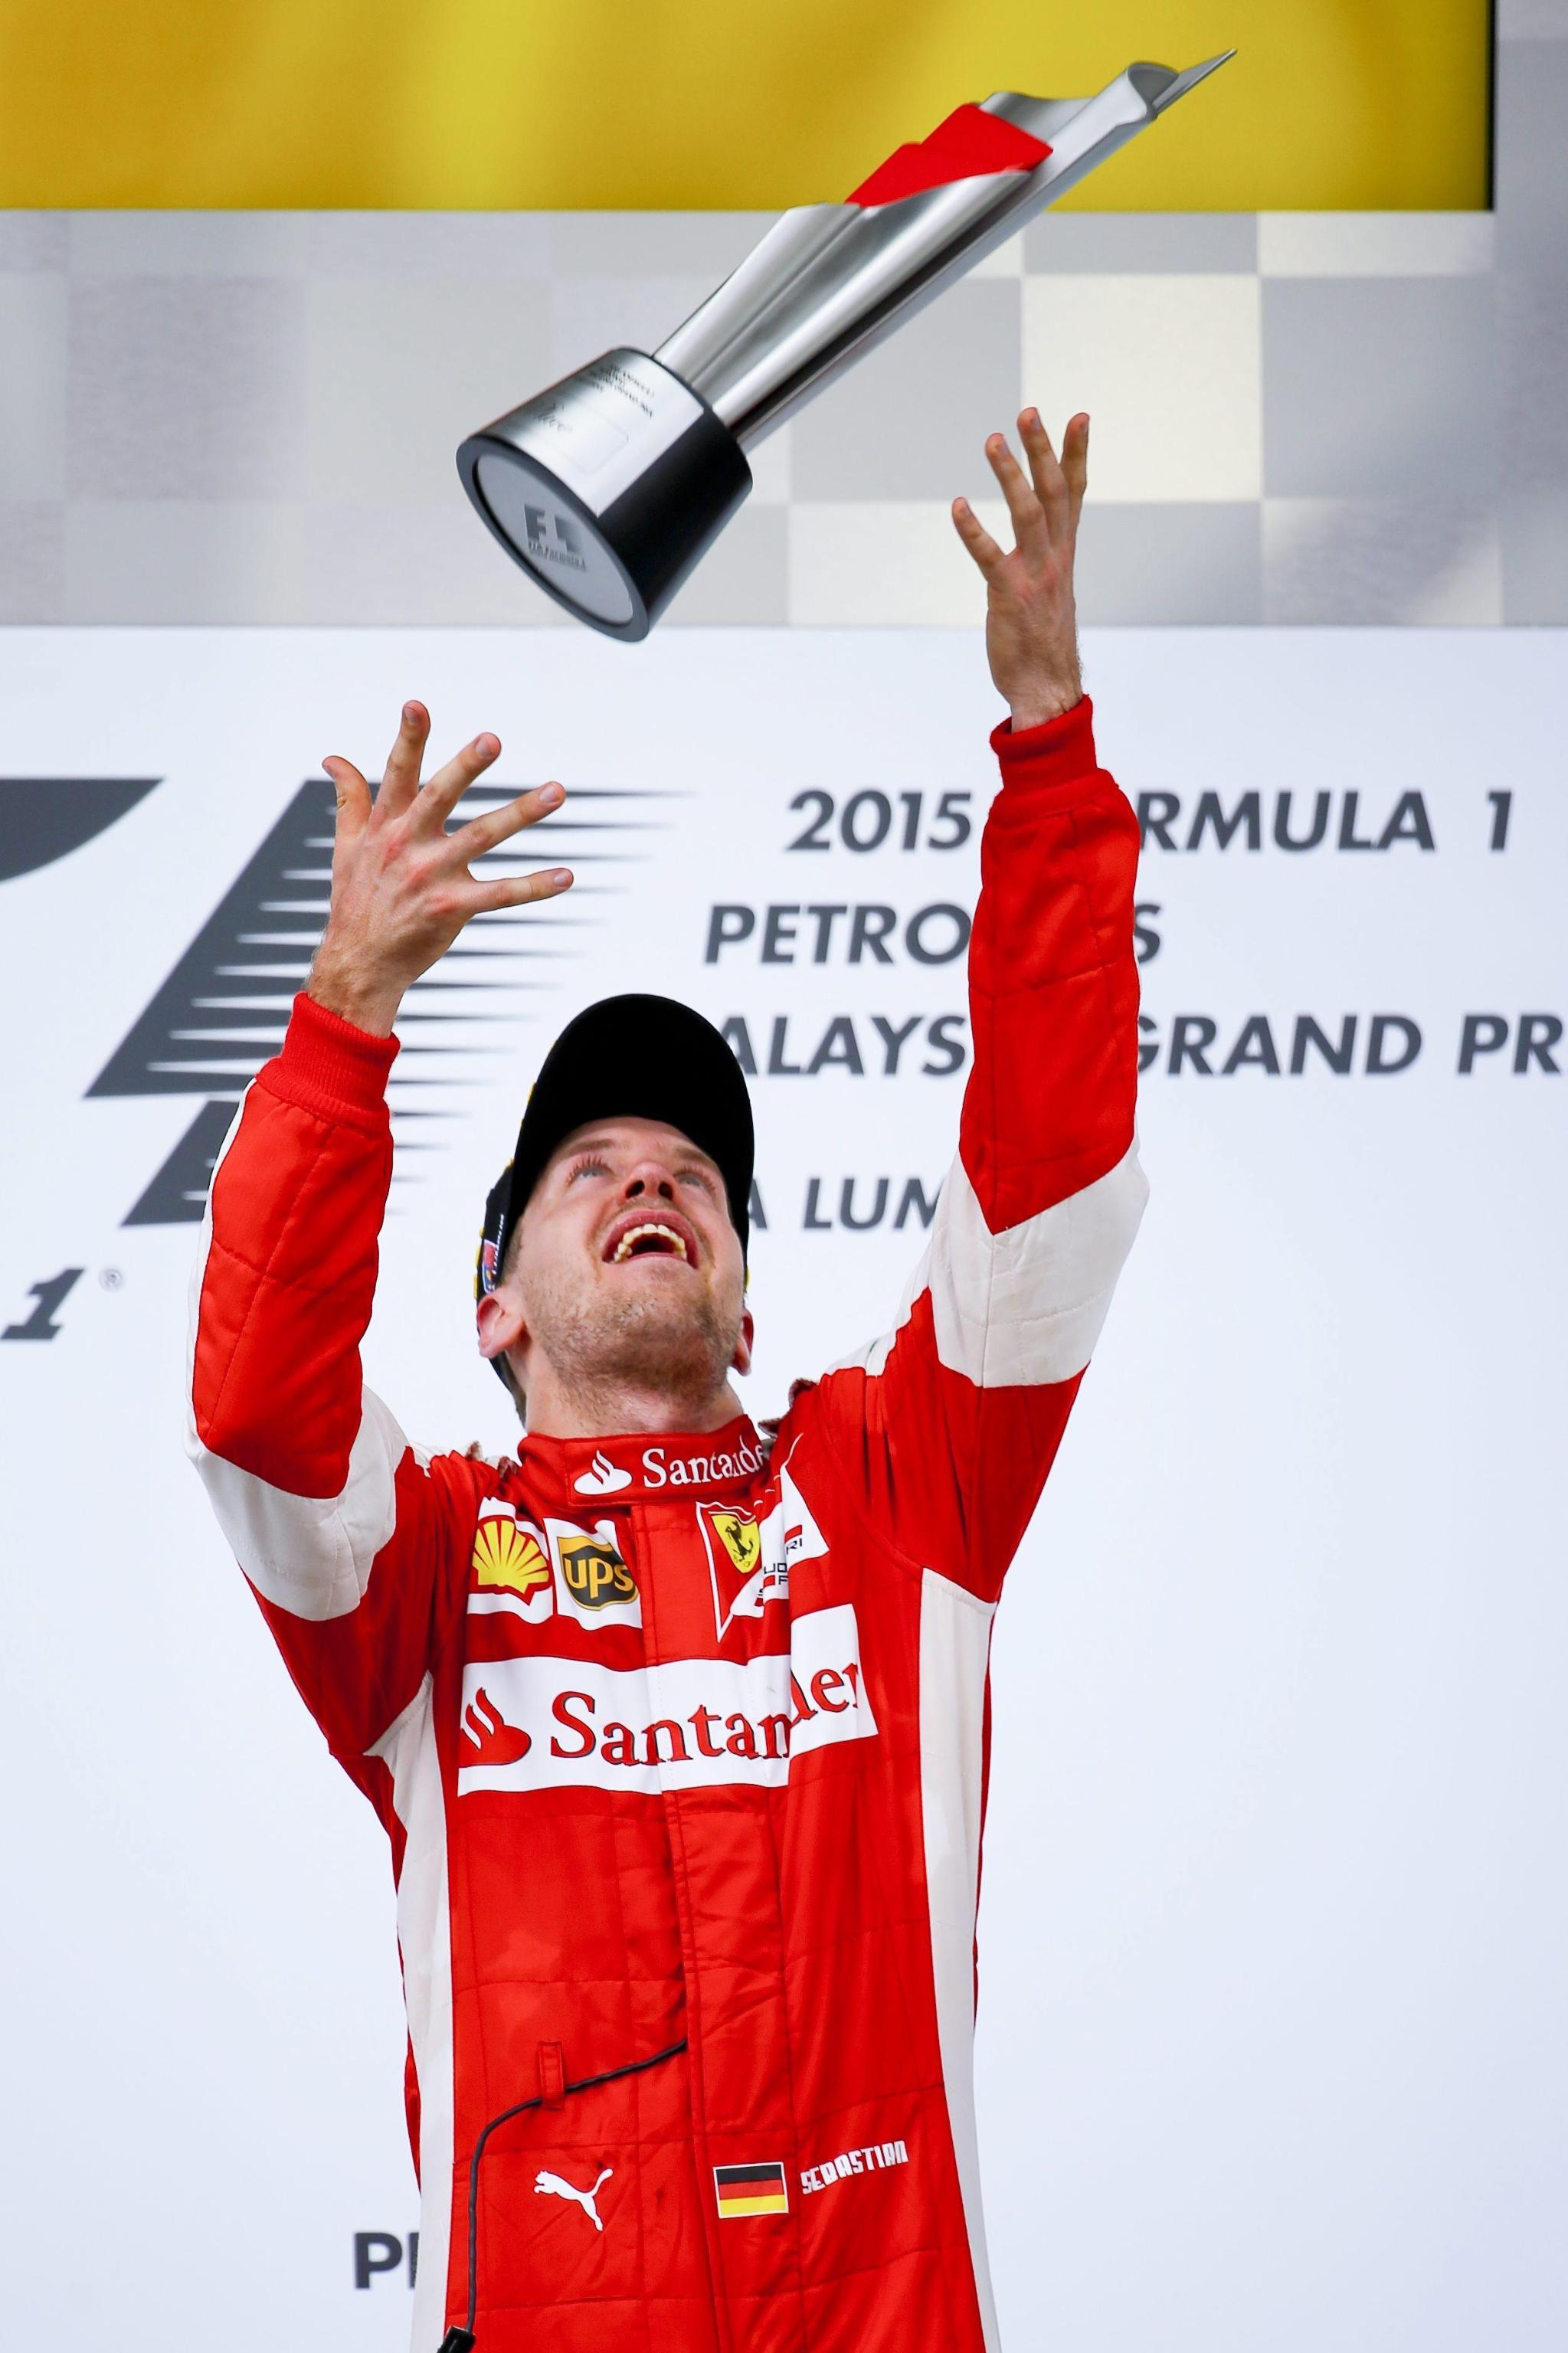 20 Ferrari & Vale